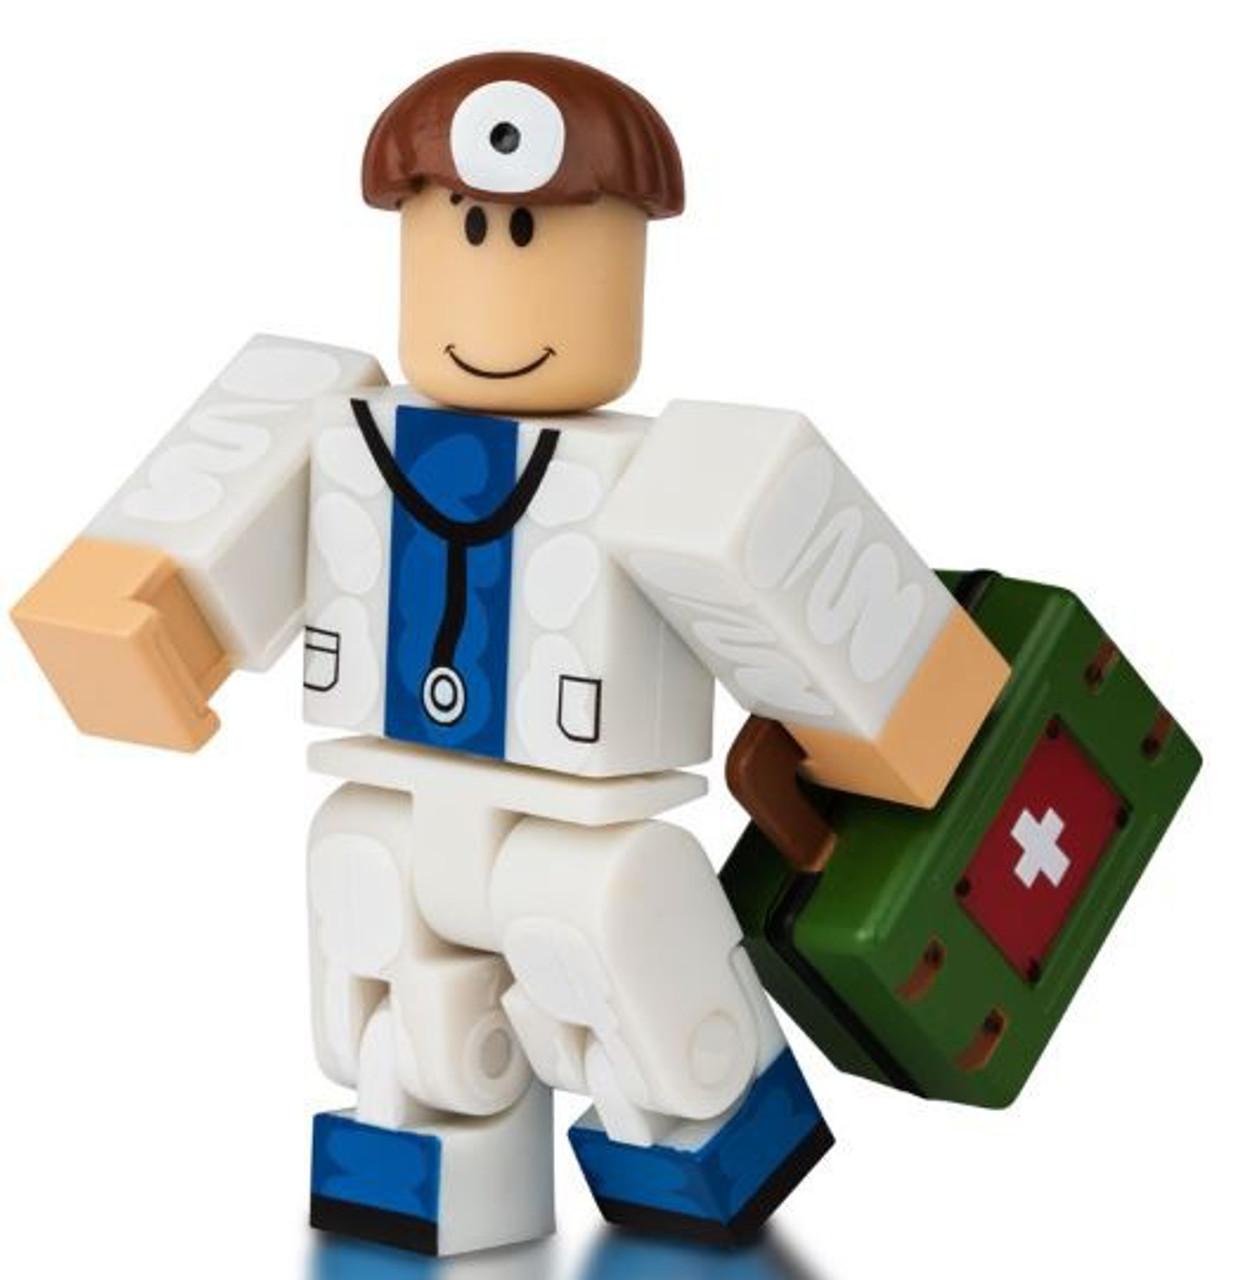 Roblox Hospital Rp Doctor 3 Minifigure No Code Loose Jazwares Toywiz